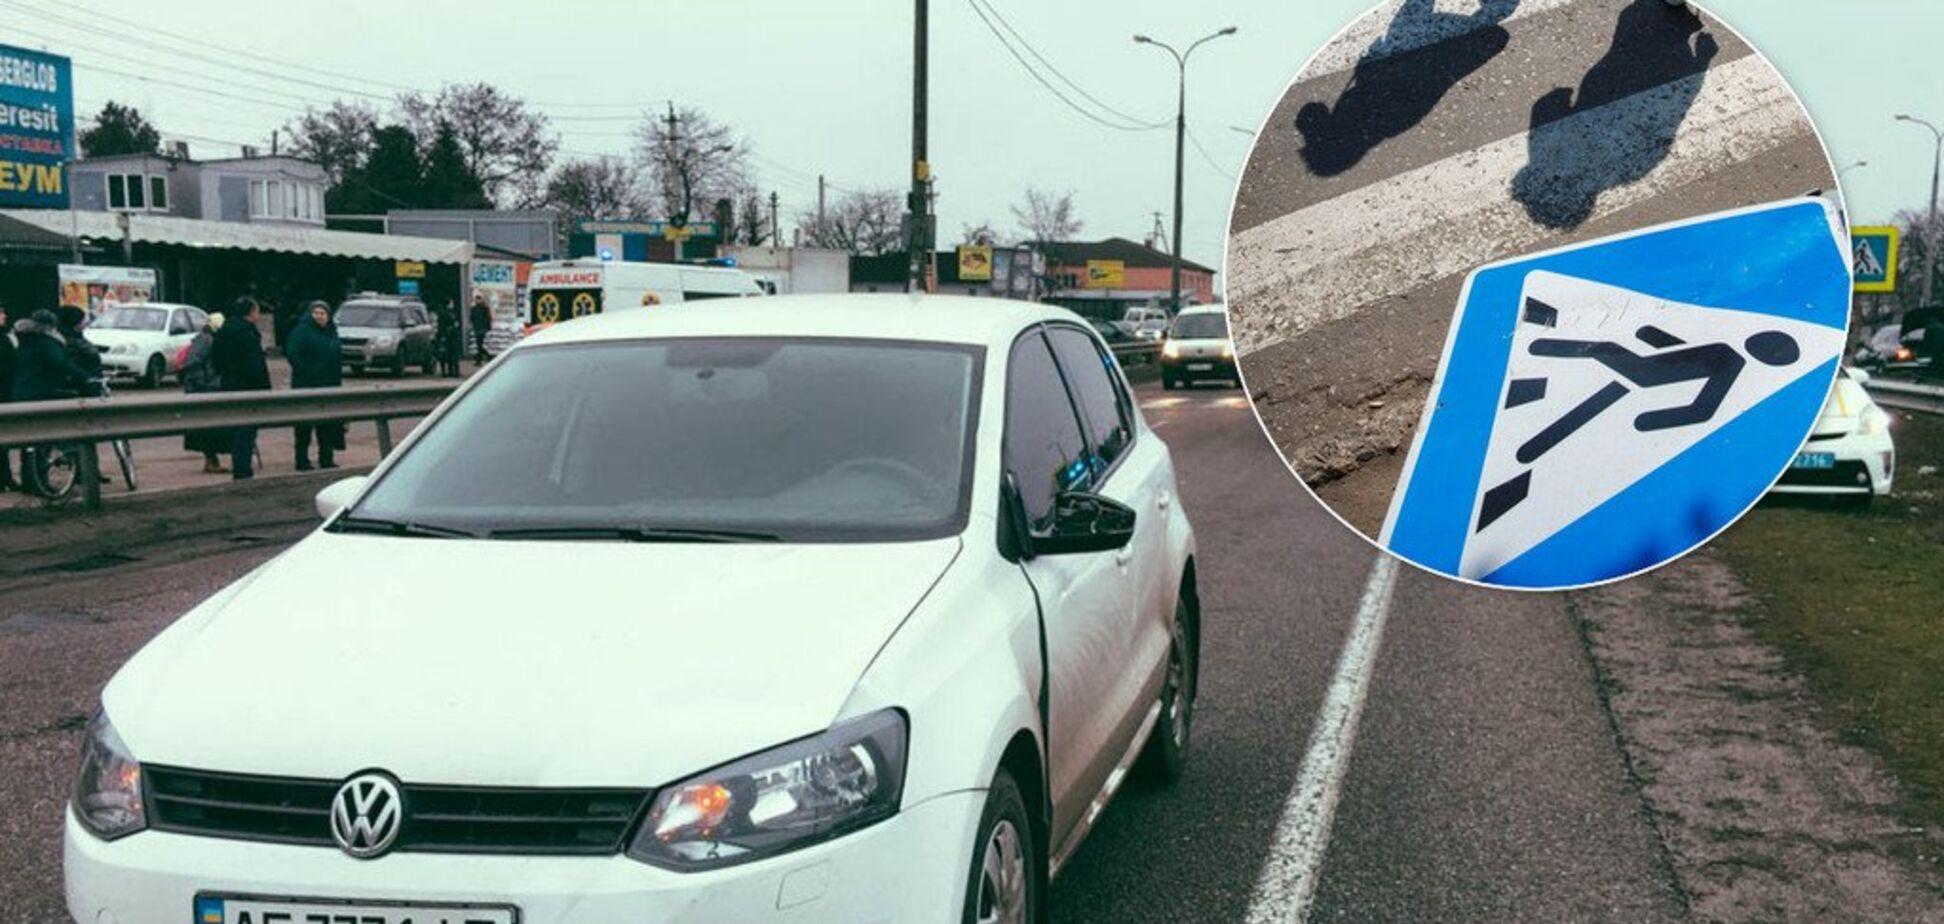 Під Дніпром автомобіль збив маму з дитиною на 'зебрі': фото з місця ДТП